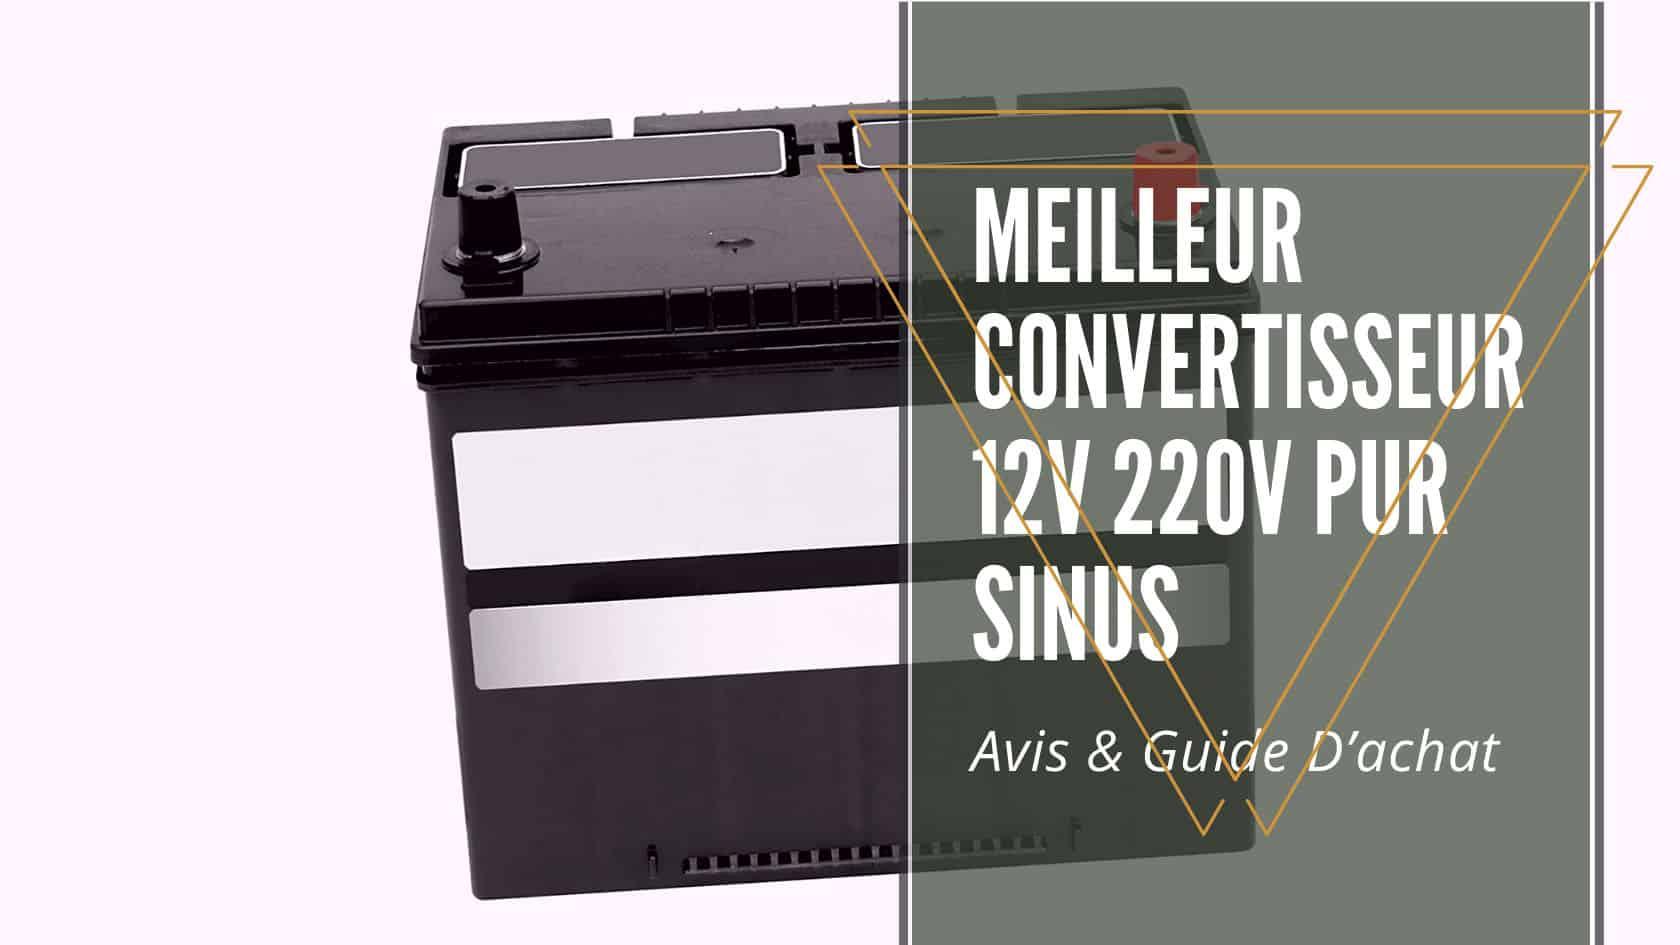 meilleur convertisseur 12v 220v pur sinus 11